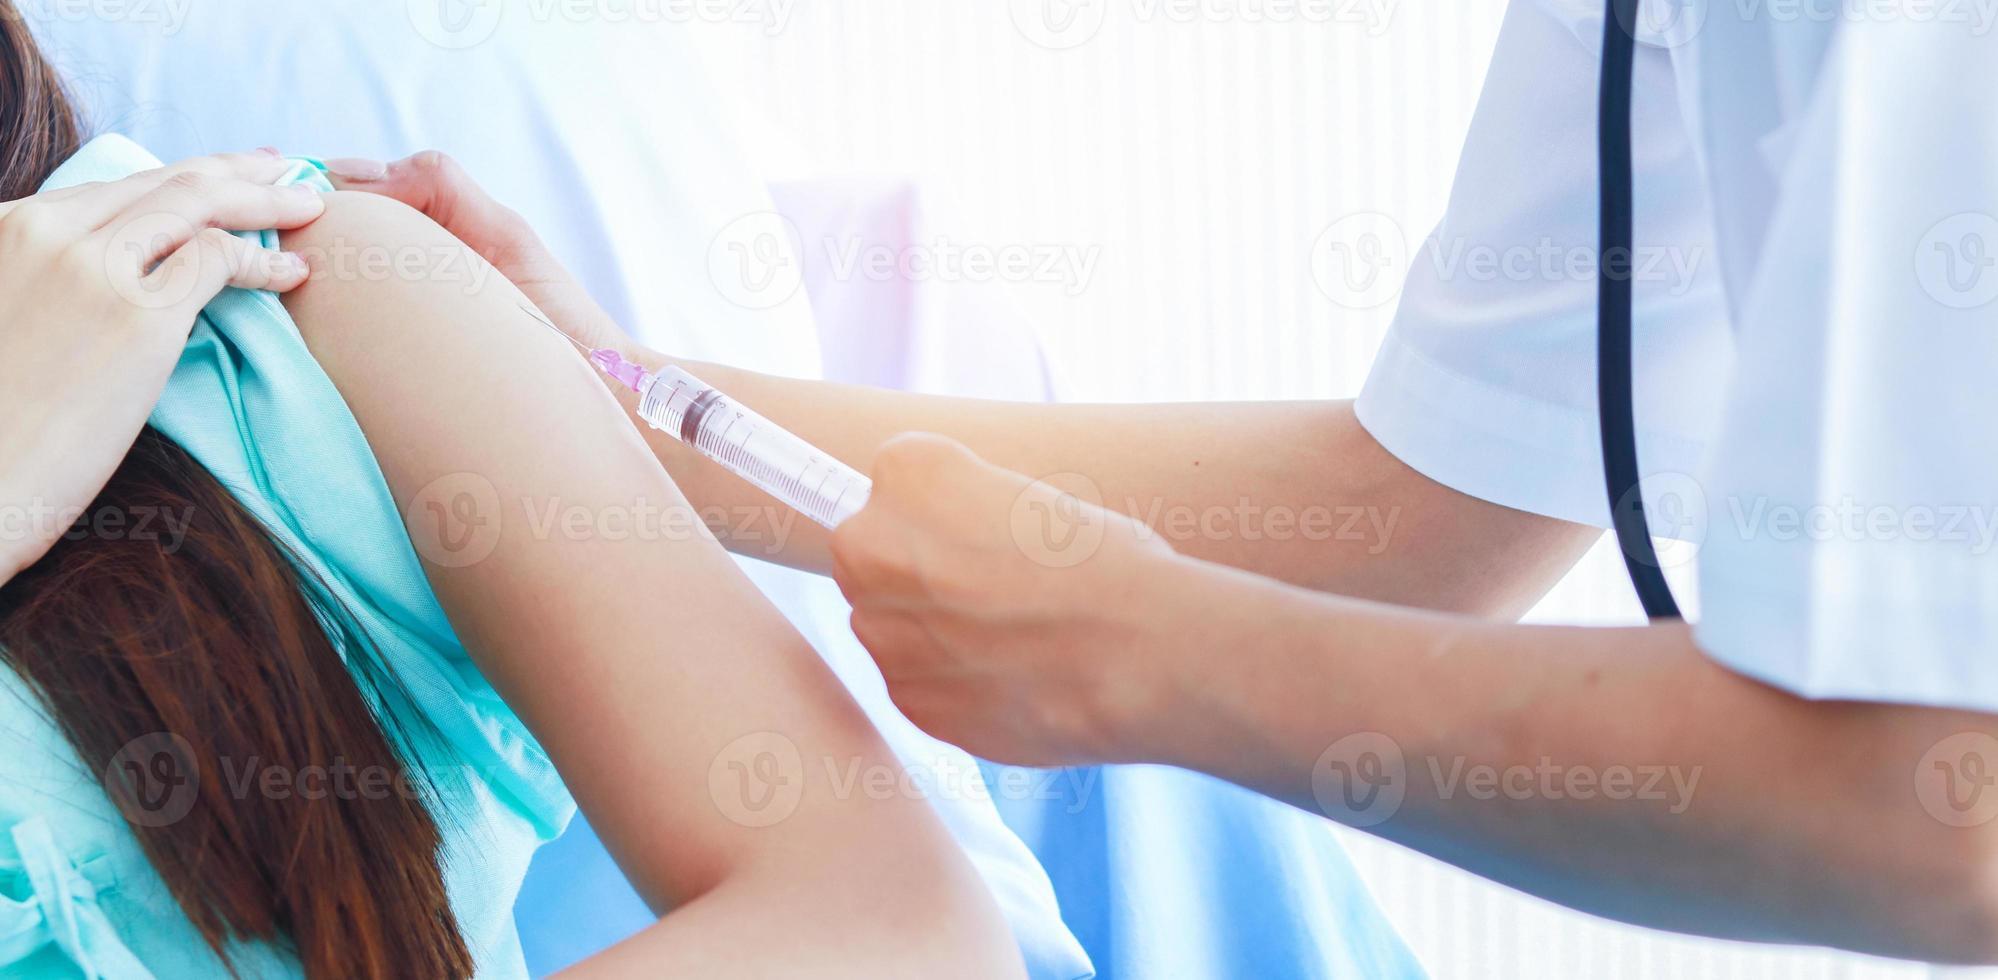 vrouwelijke arts die een spuit in een patiënt injecteert foto